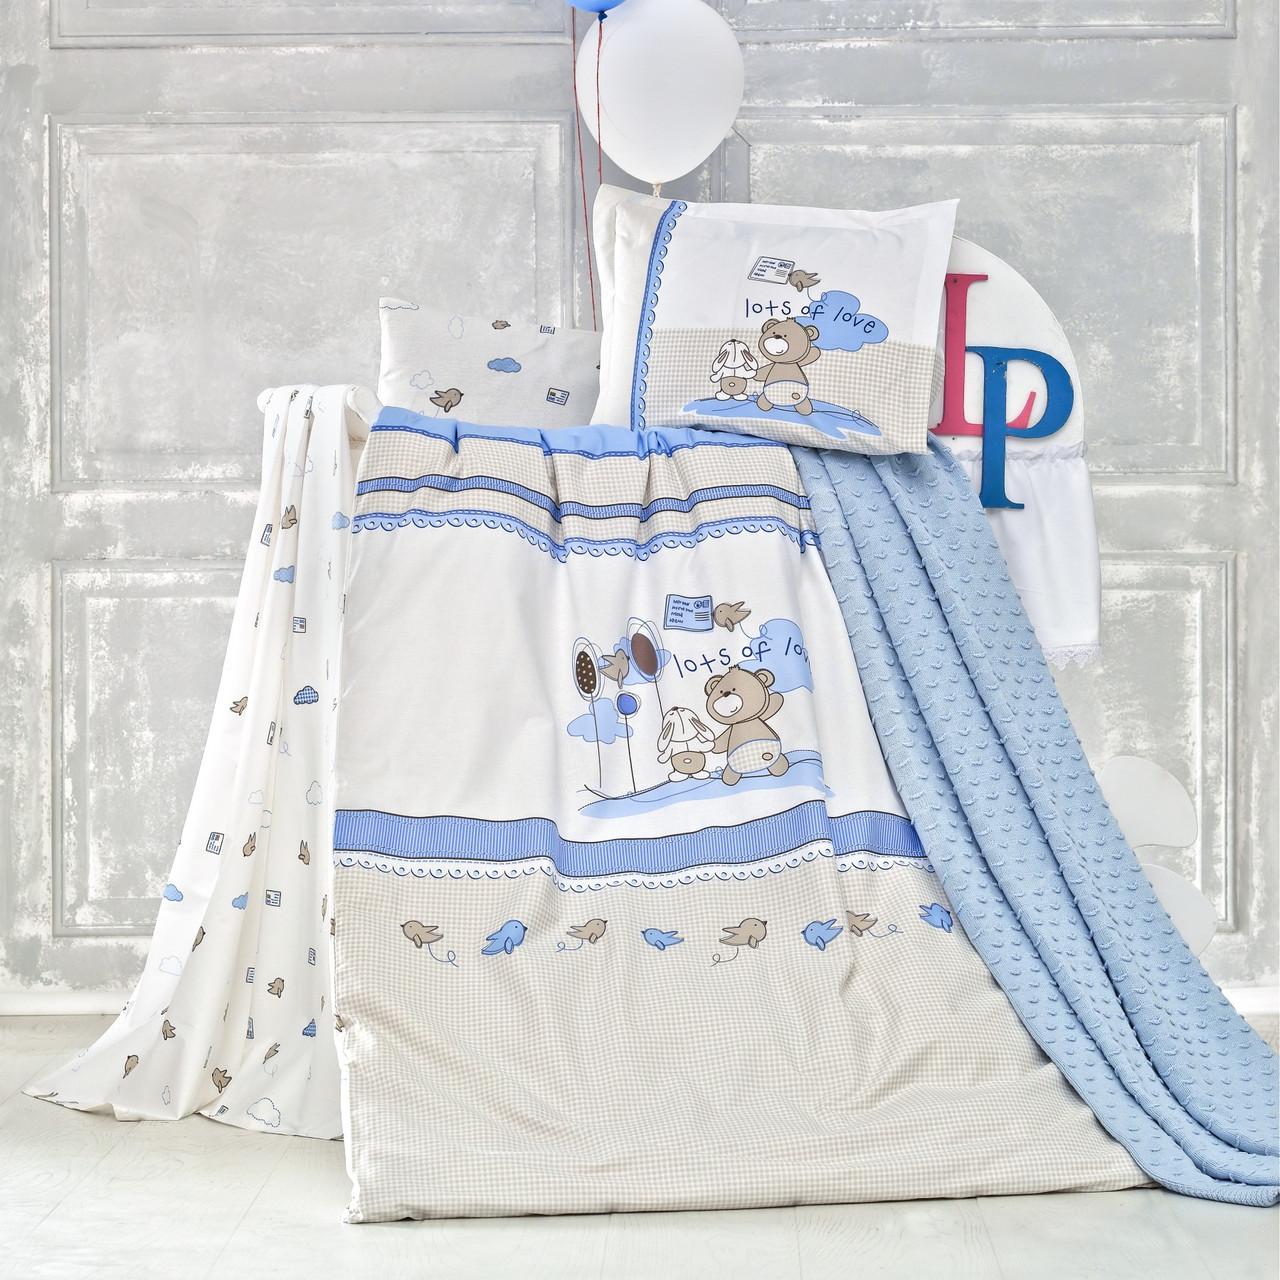 Комплект детского постельного белья с пледом Escape, Luoca Patisca